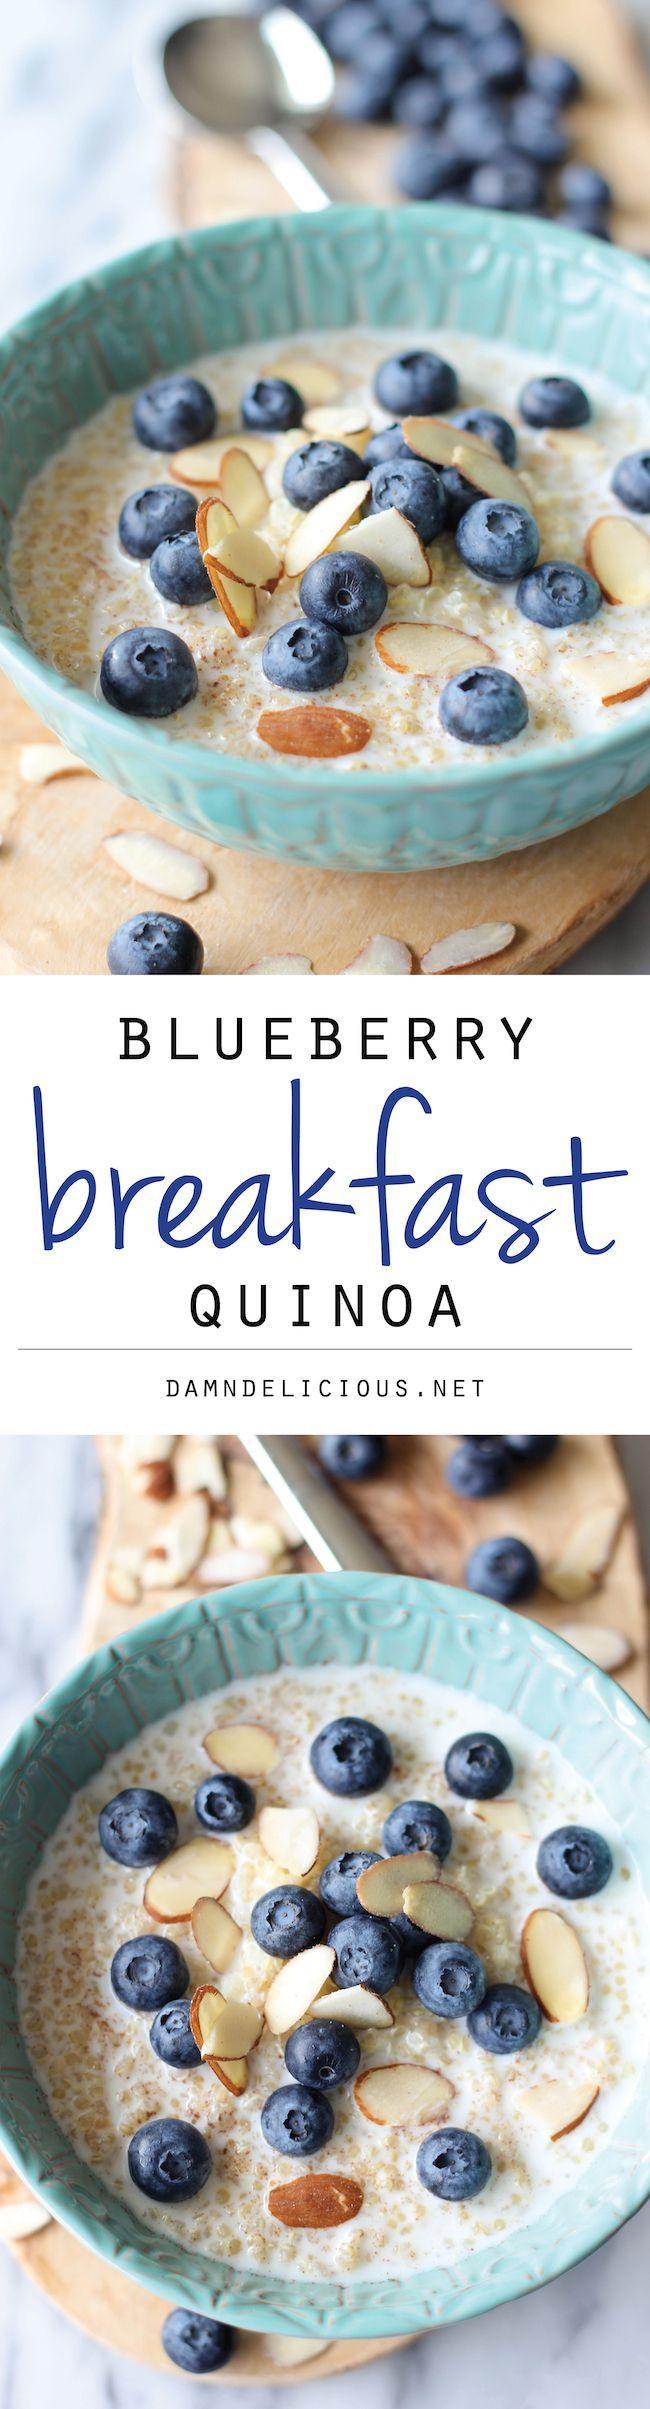 Szuper finom és szuper egészséges reggeli áfonyás quinoa #afonya #quinoa #egeszseges #reggeli